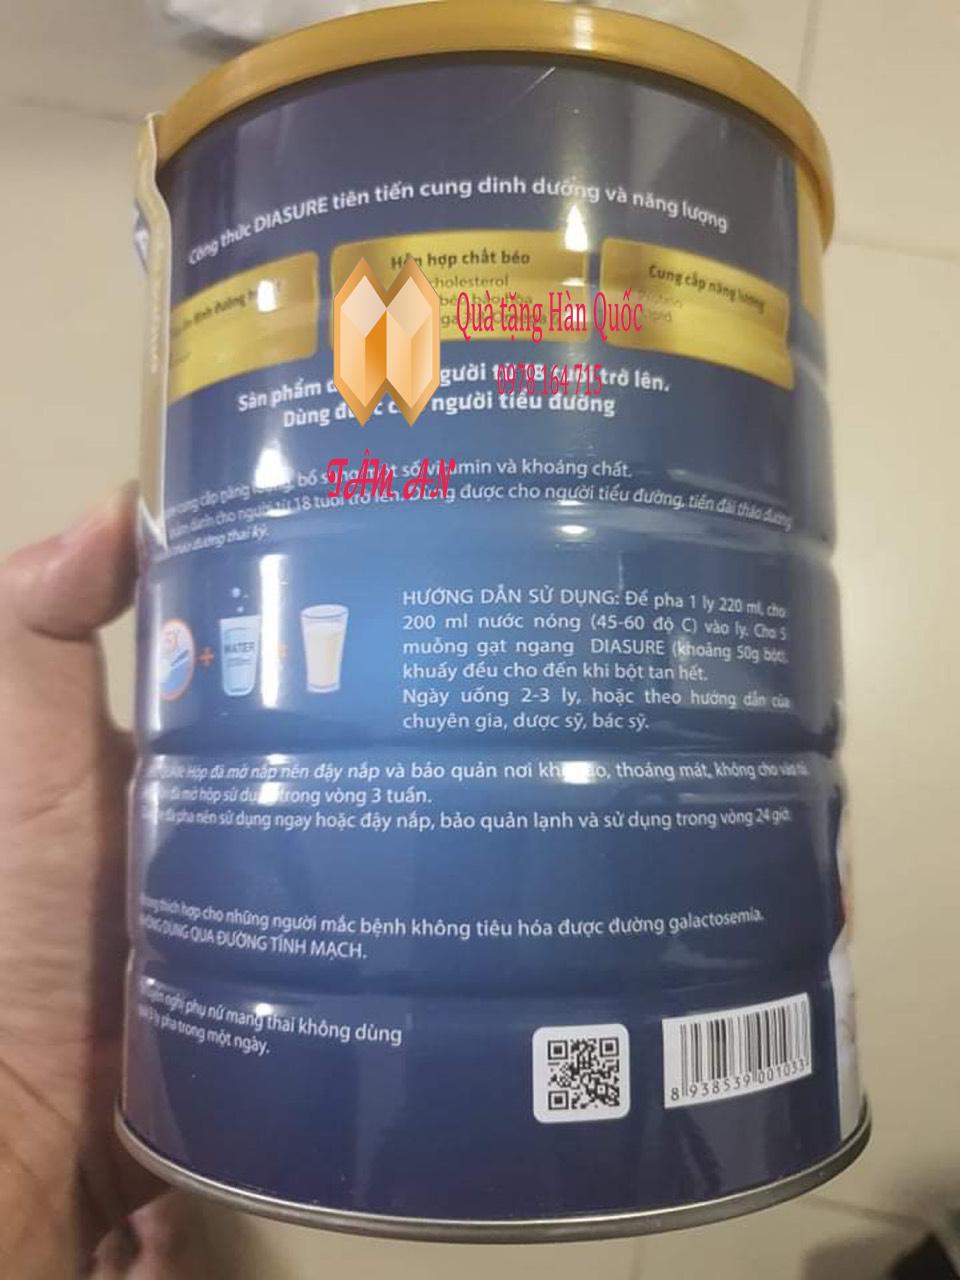 Sữa non diasure tác dụng gì